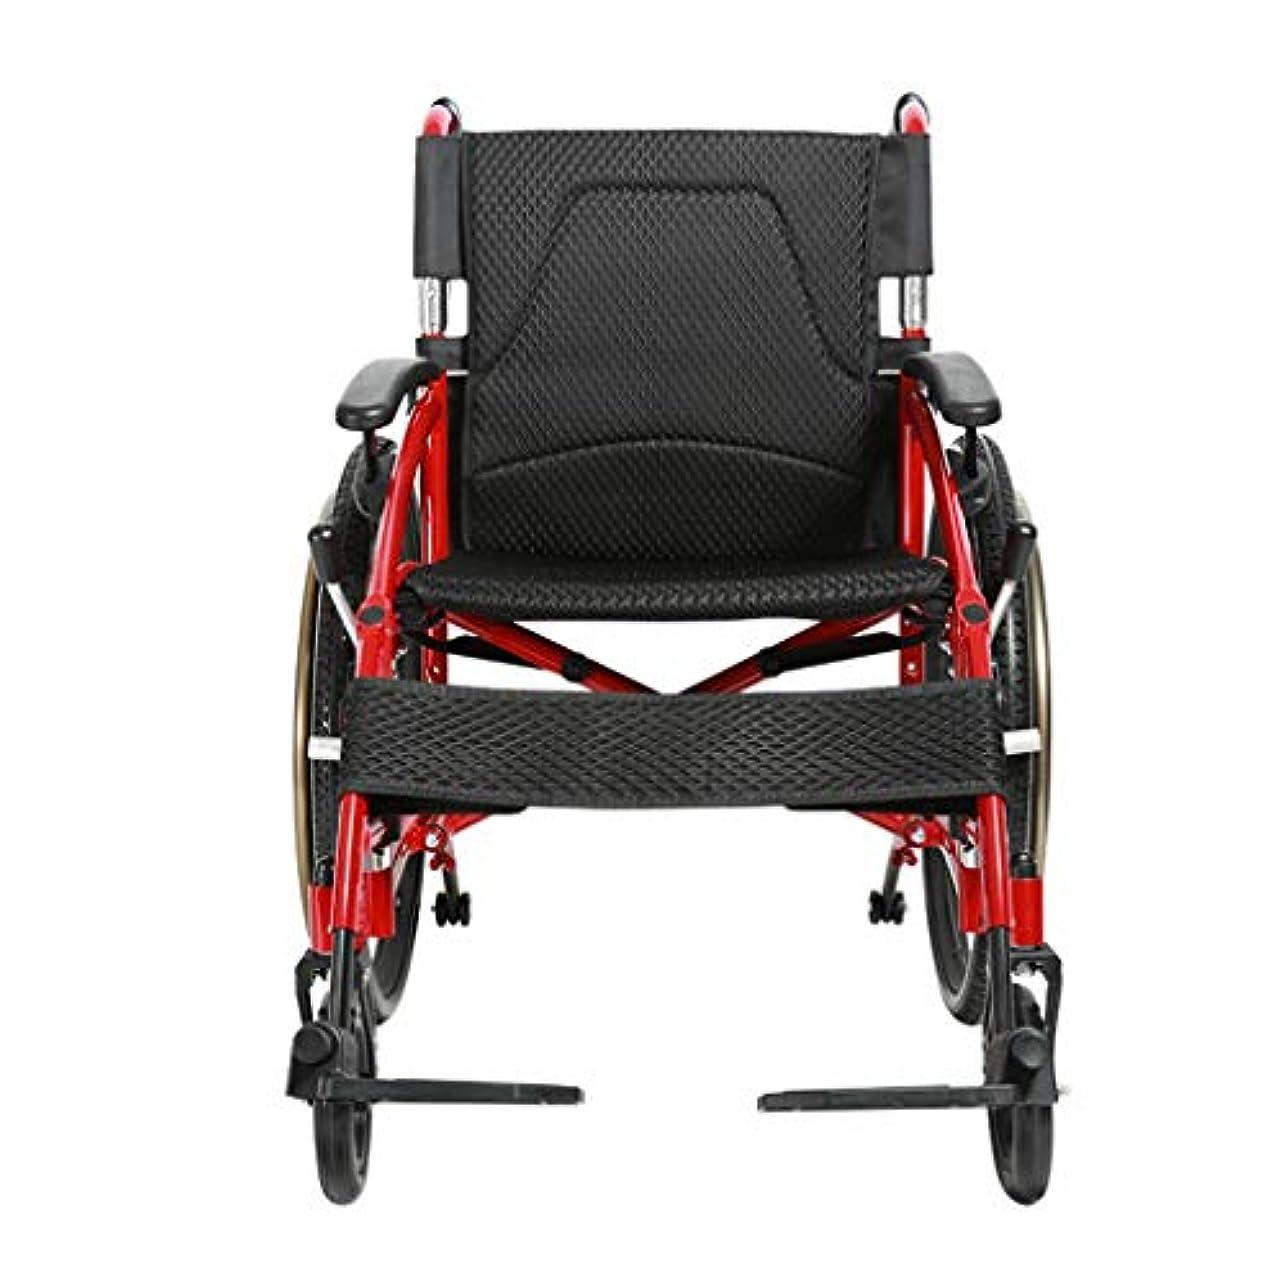 信頼性郵便物硬さ車椅子折りたたみ超軽量アルミニウム合金、高齢者向け車椅子、多目的トロリー